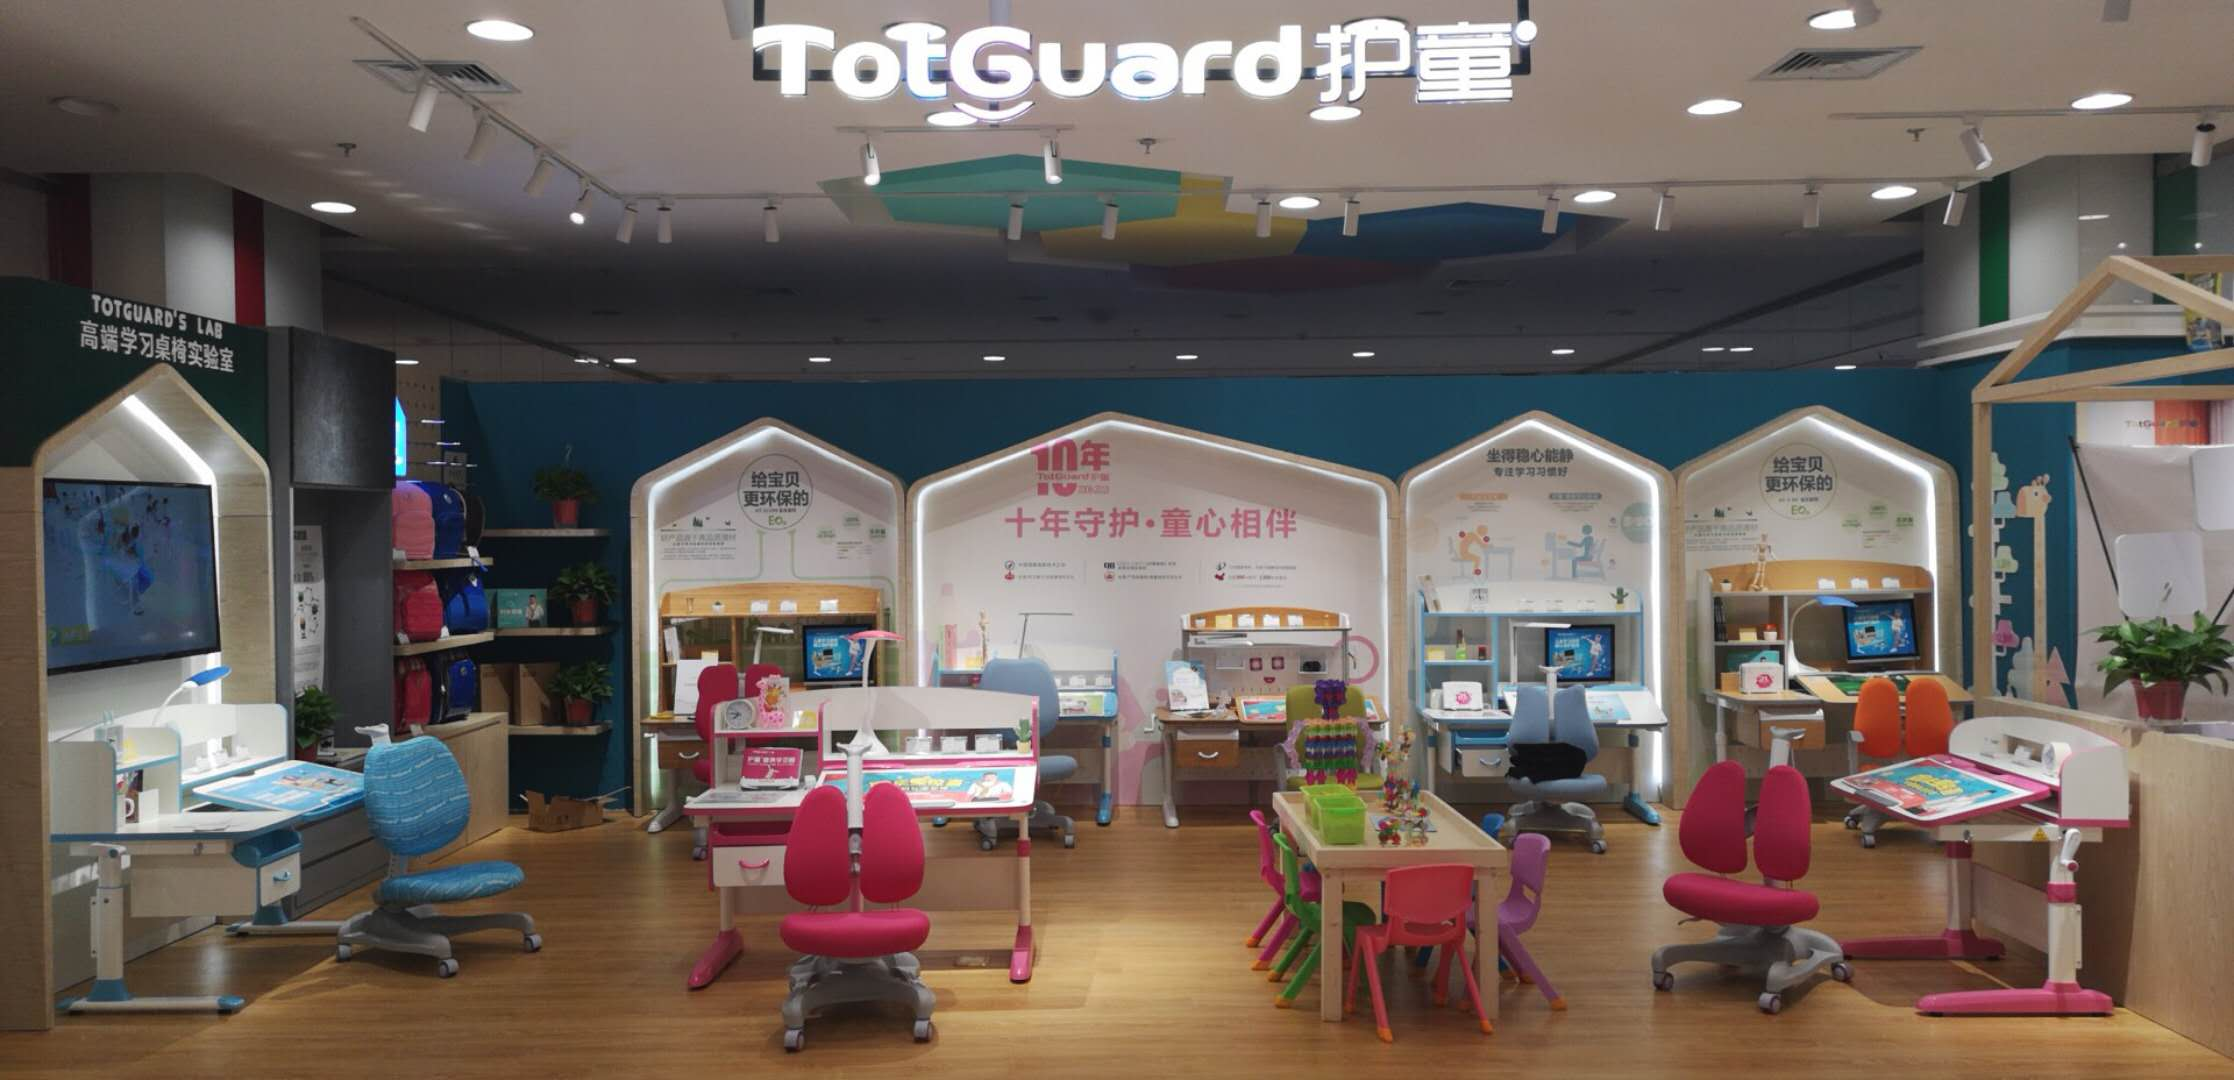 热烈祝贺护童第1514家通辽欧亚购物中心护童专柜盛大开业!